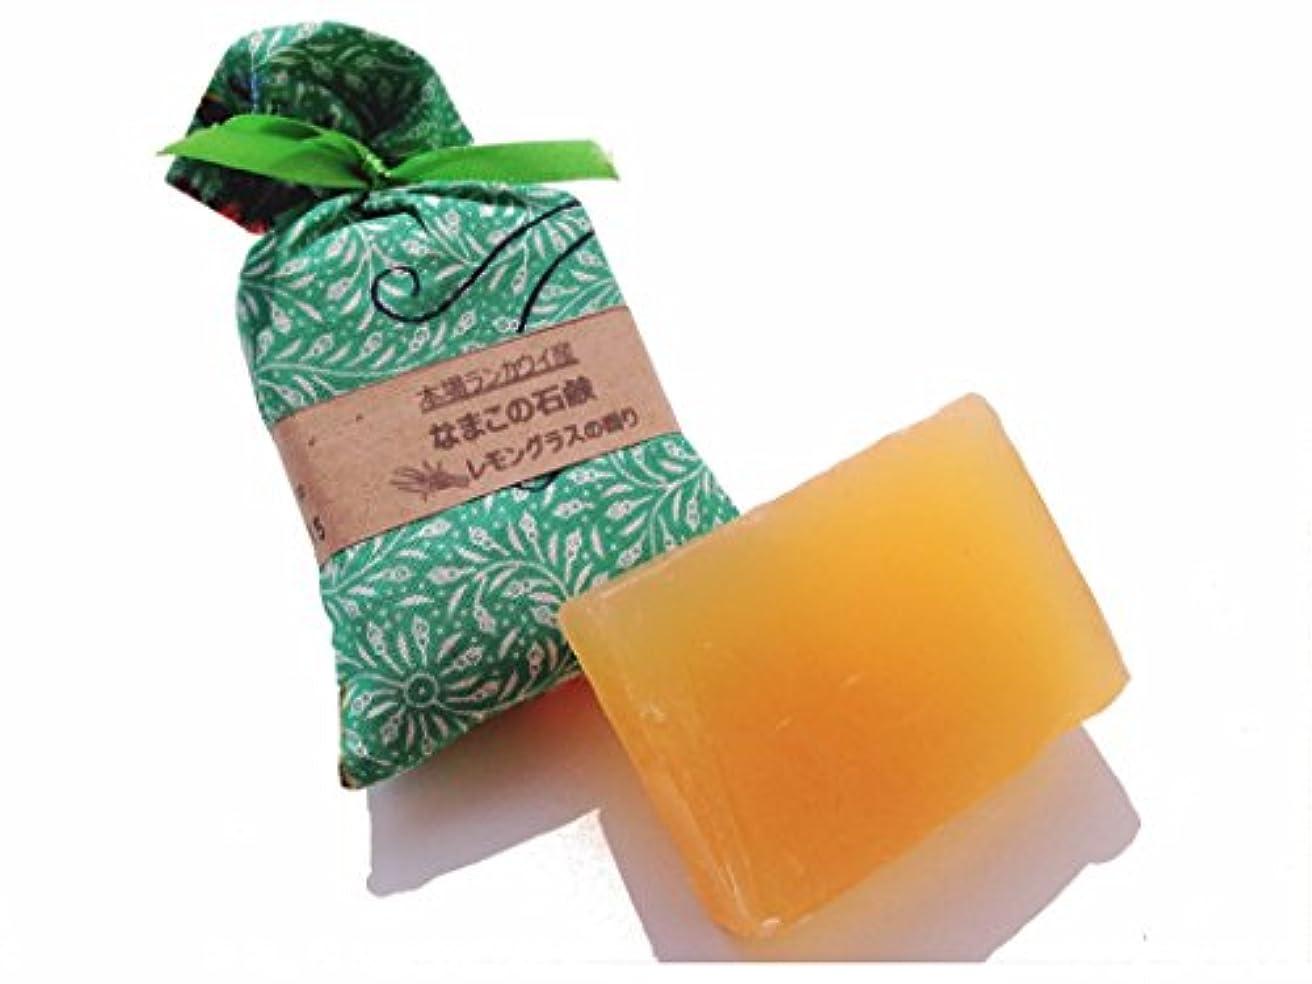 レガシー奇妙な無実なまこ石鹸 (ランカウイの休日 レモングラス)